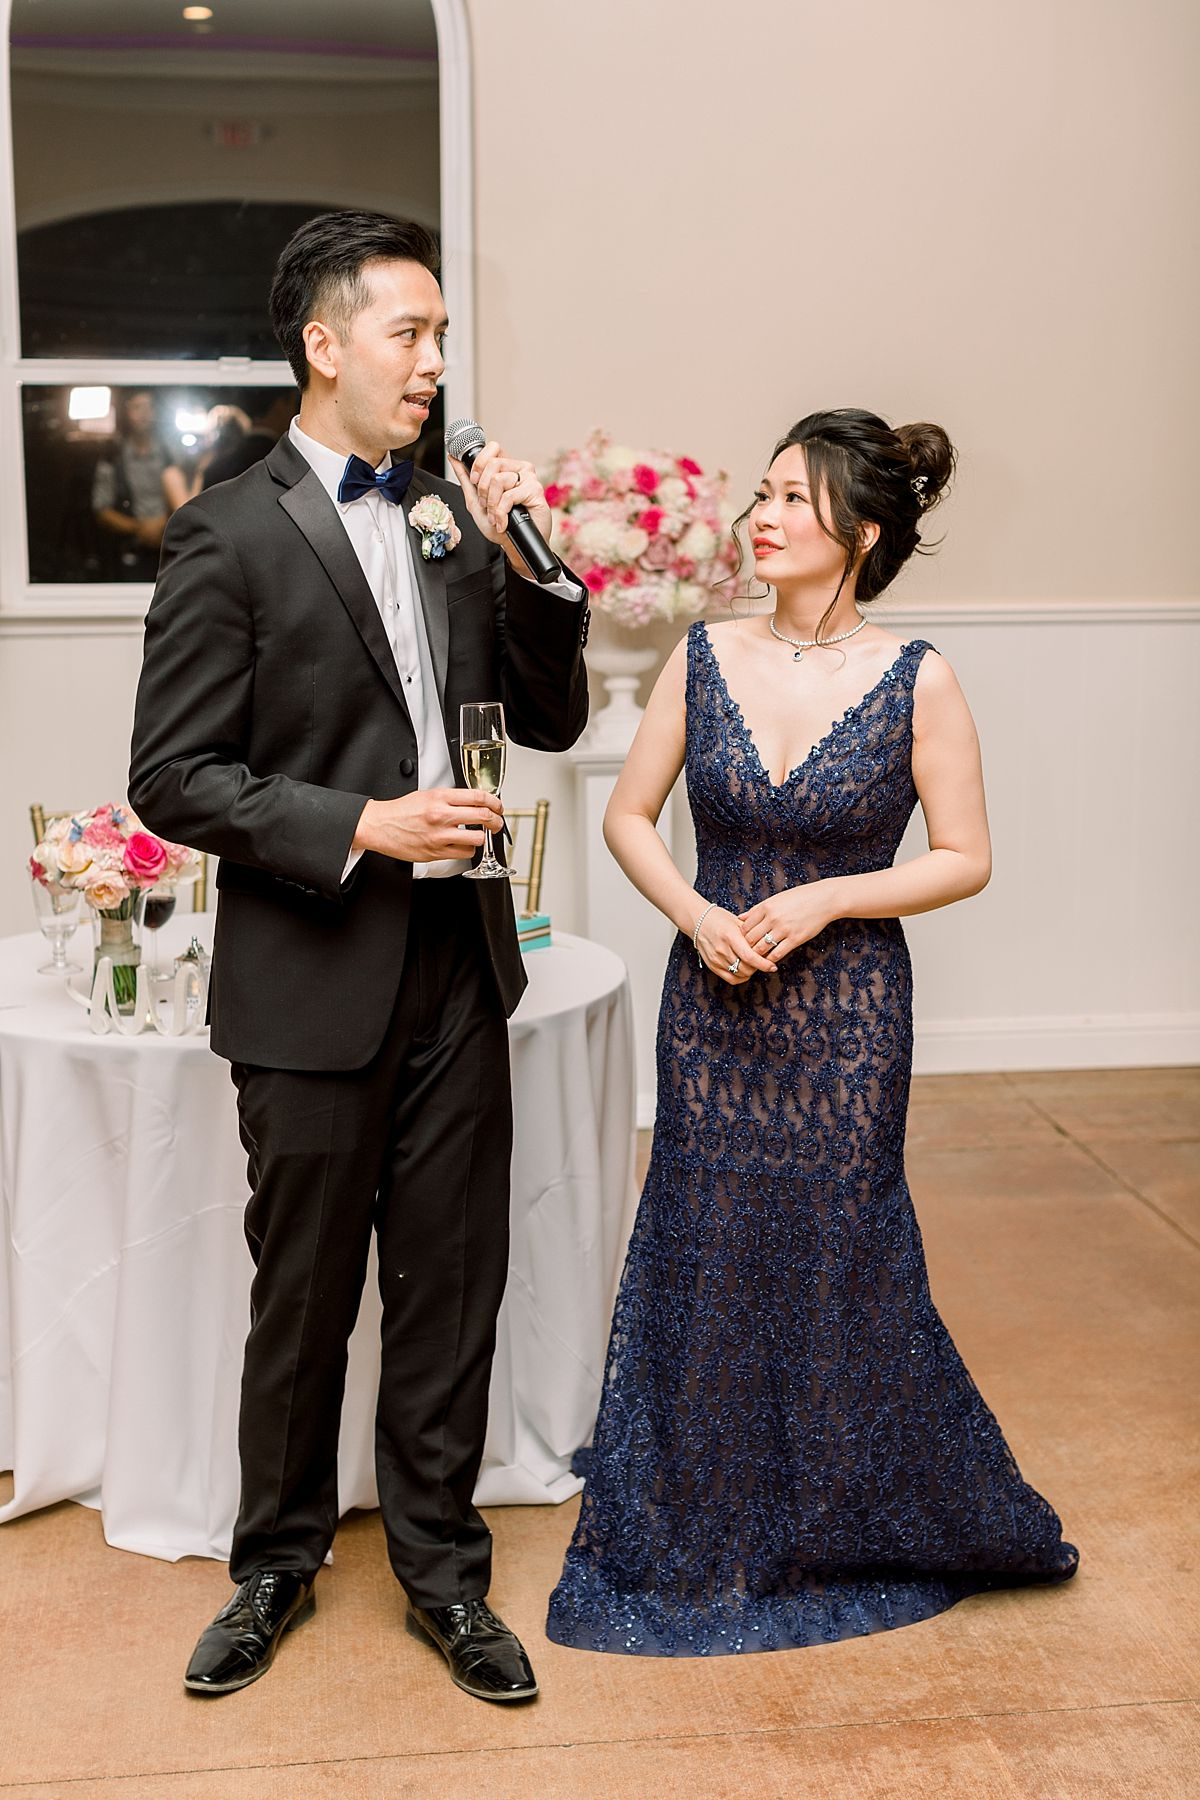 Newberry Estate Vineyards Wedding - Ashley Baumgartner - Jasmine and Johhny - Bay Area Wedding Photographer - Sacramento Wedding Photographer_0054.jpg